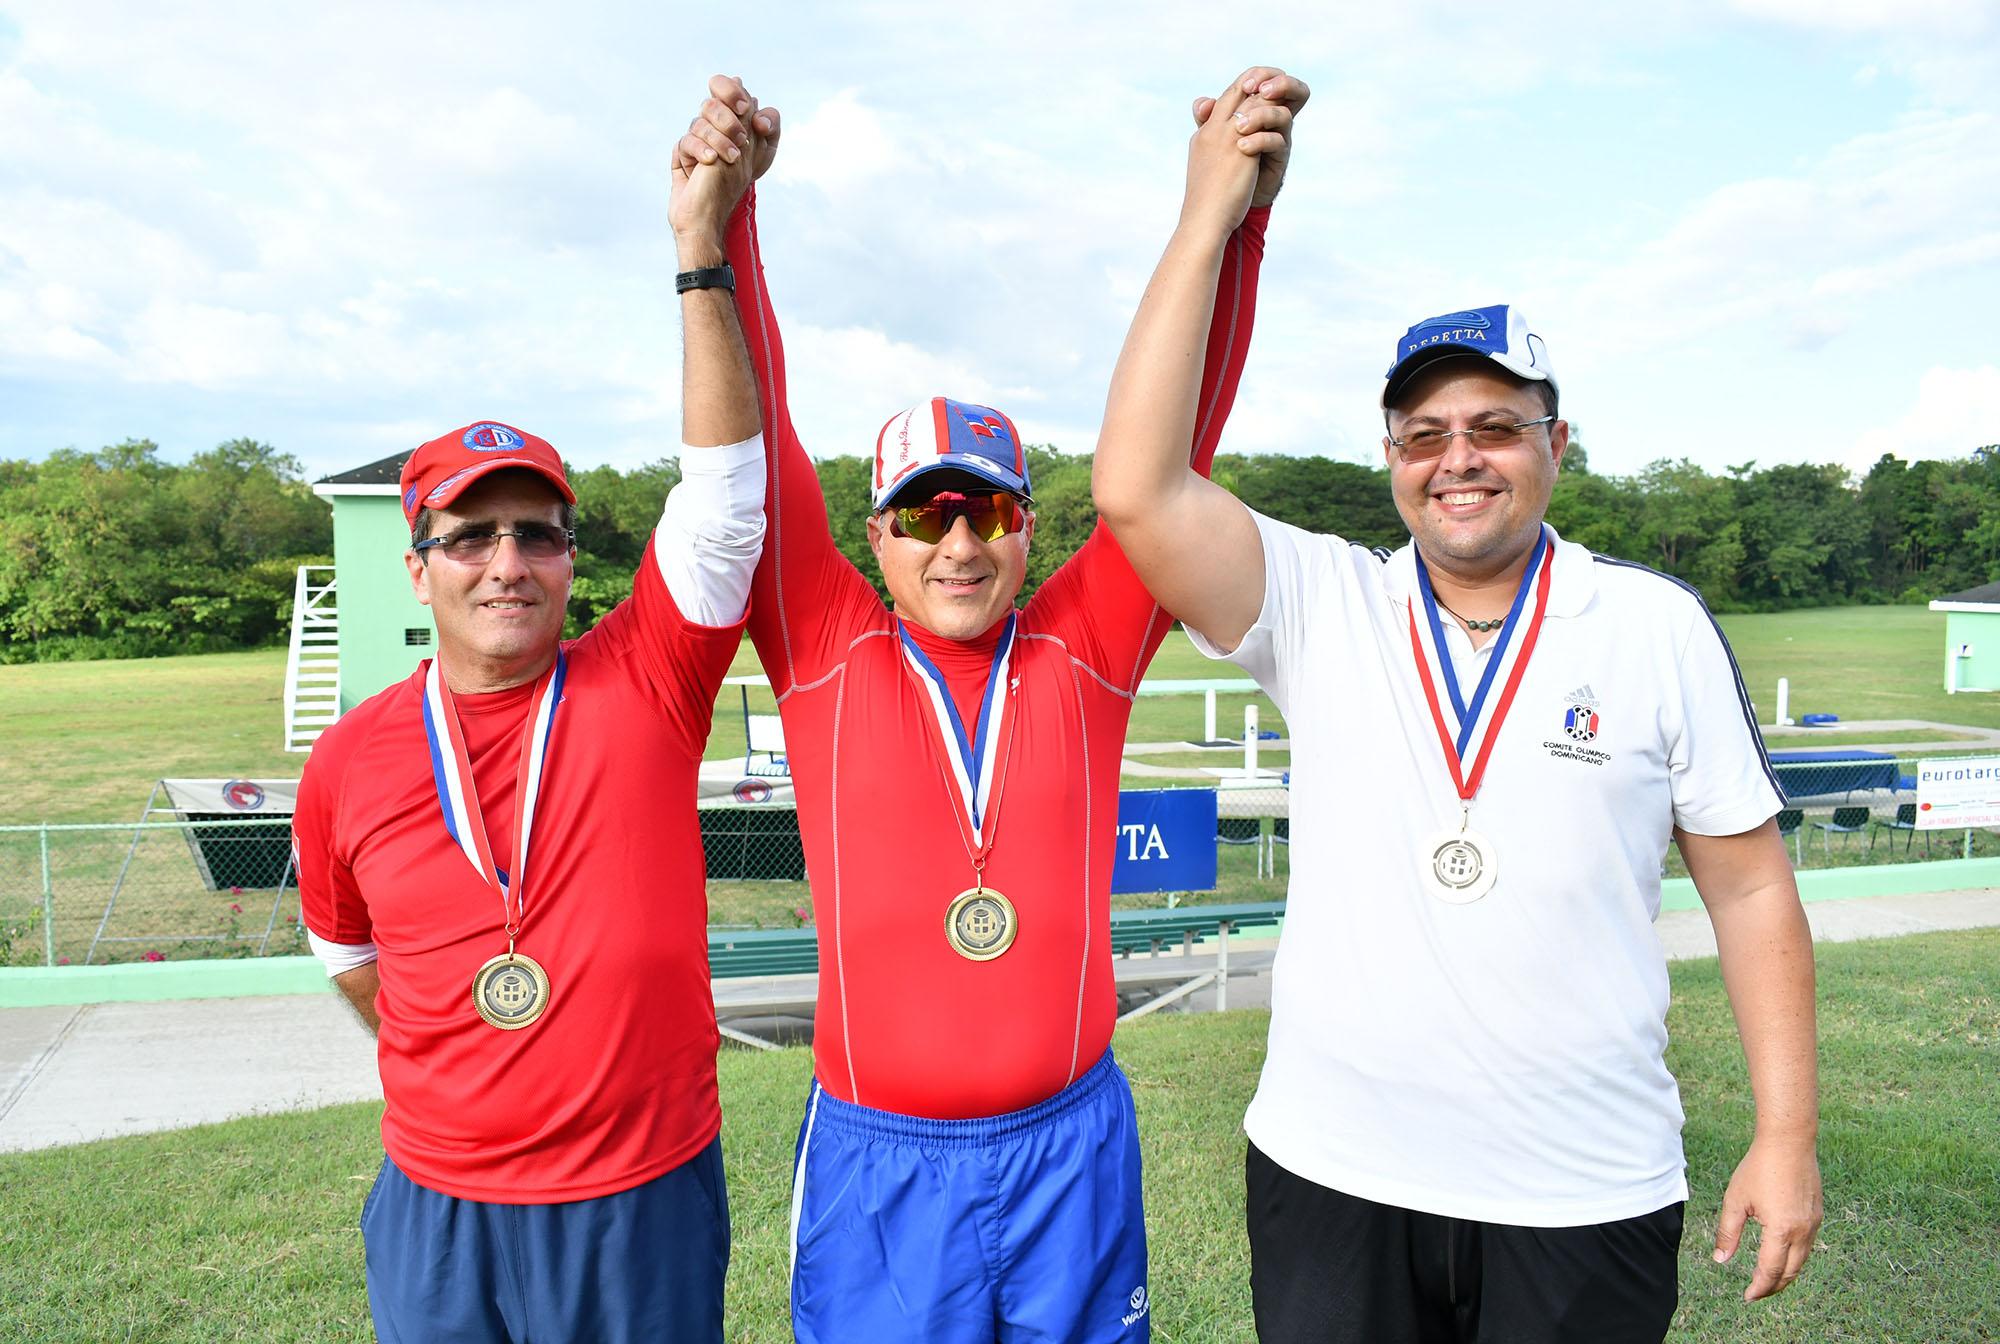 Equipo fosa, oro en clasificatorio tiro al plato Barranquilla 2018